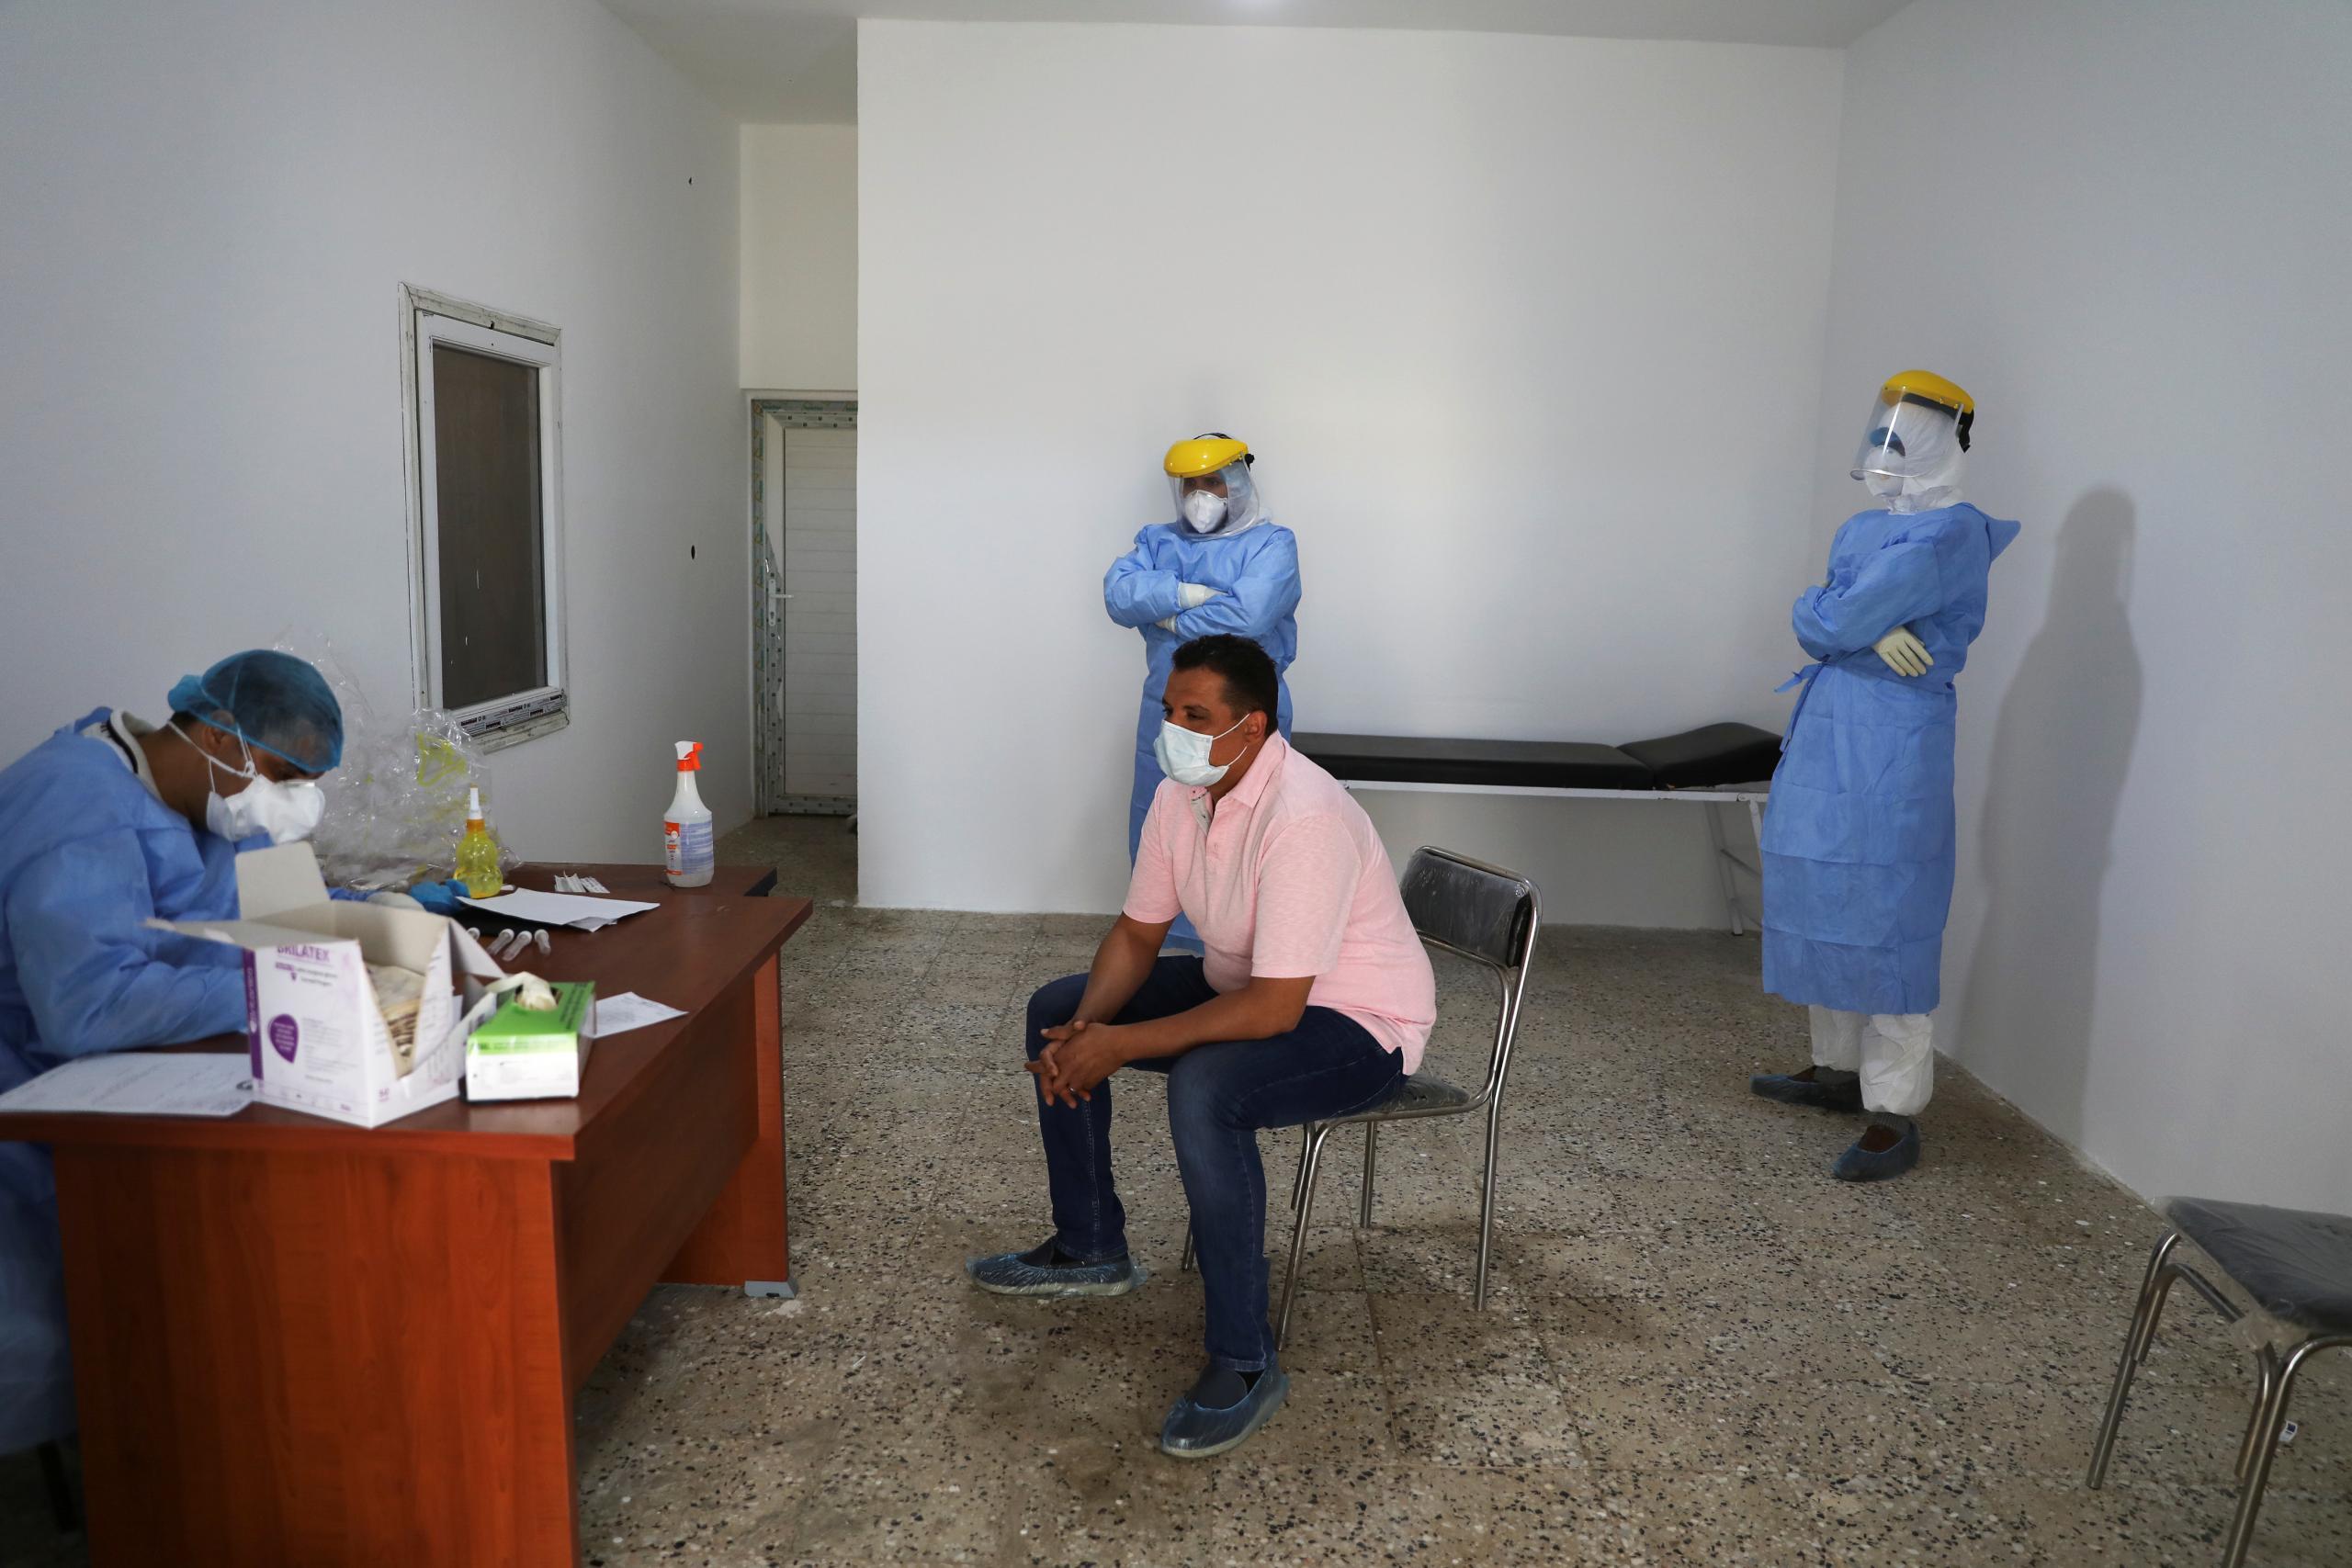 تسجيل 383 حالة إصابة جديدة بكورونا في ليبيا